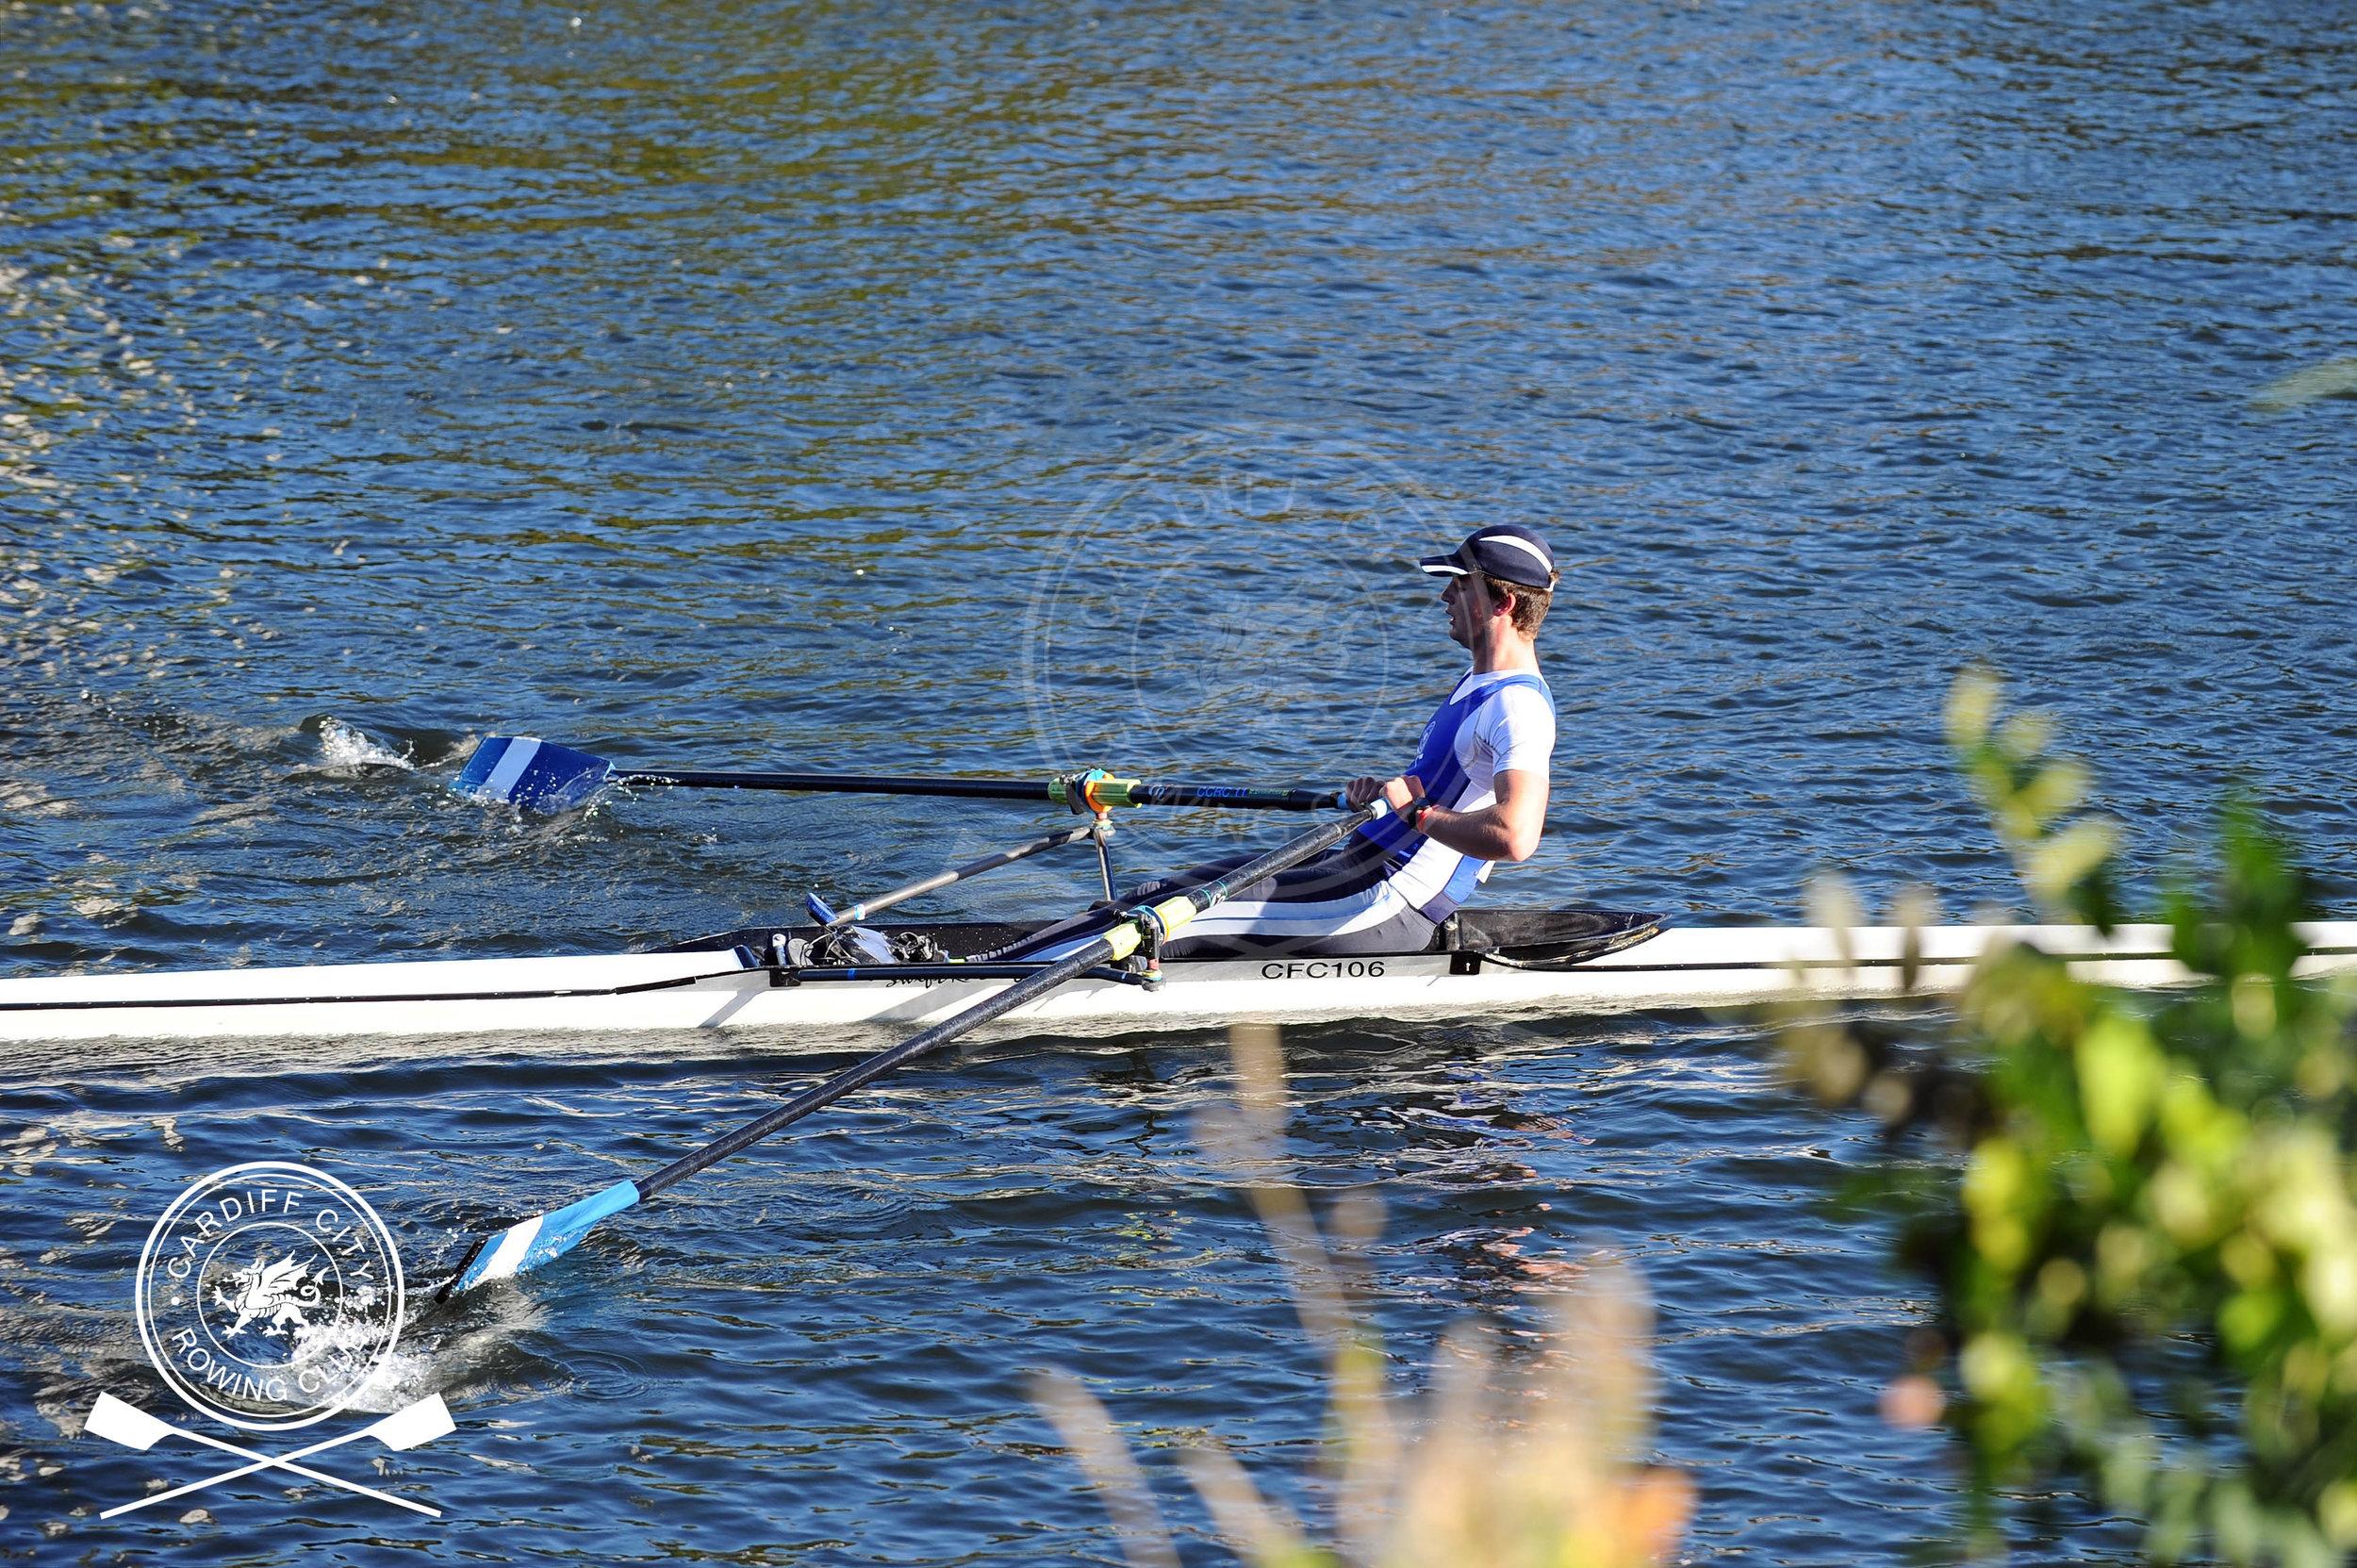 Cardiff_City_Head_Race_58.jpg